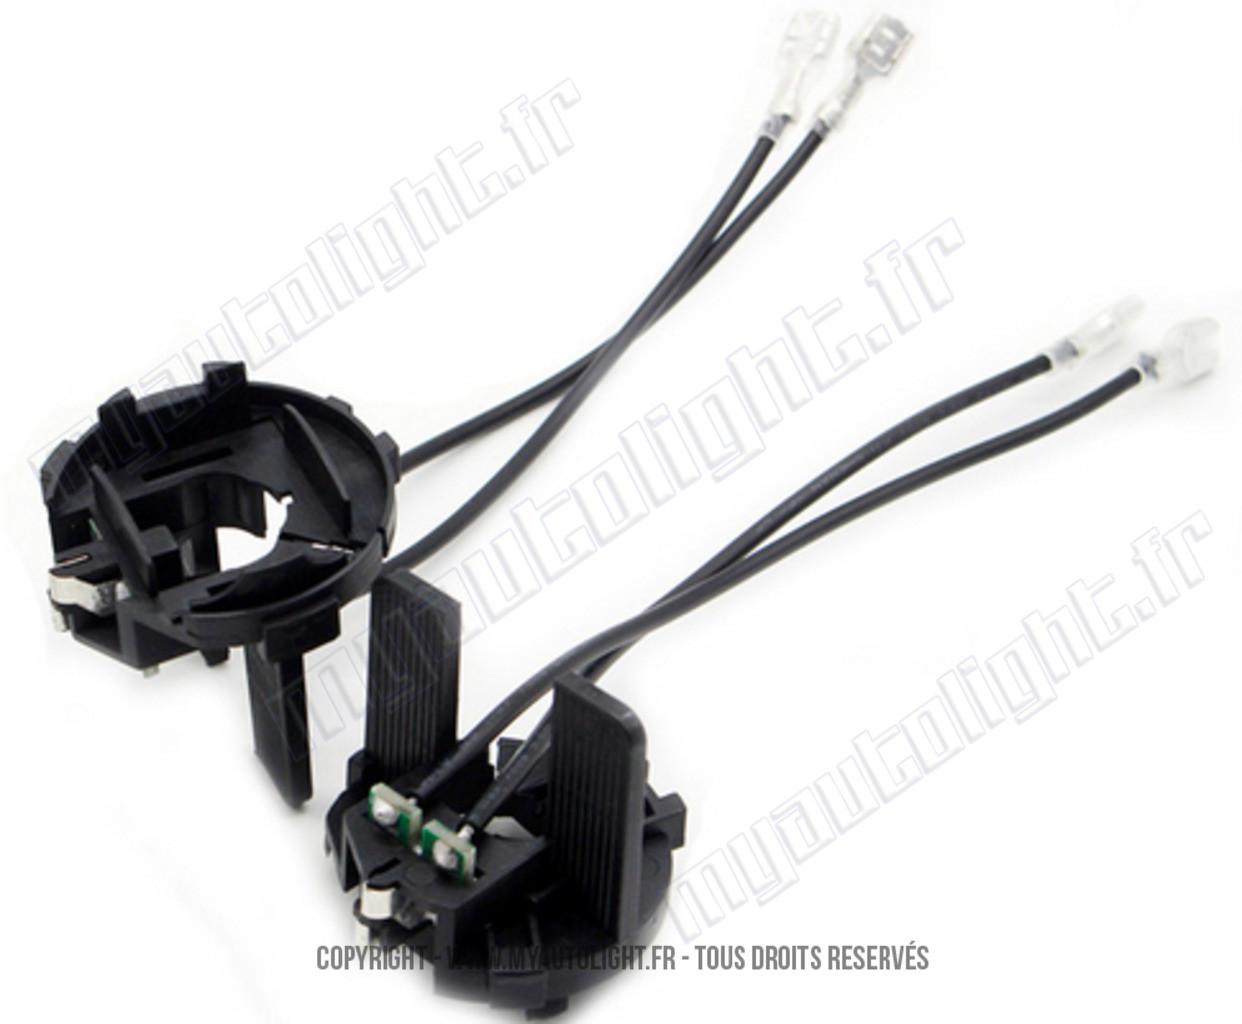 adaptateurs portes ampoules x non h7 hid phares voiture. Black Bedroom Furniture Sets. Home Design Ideas